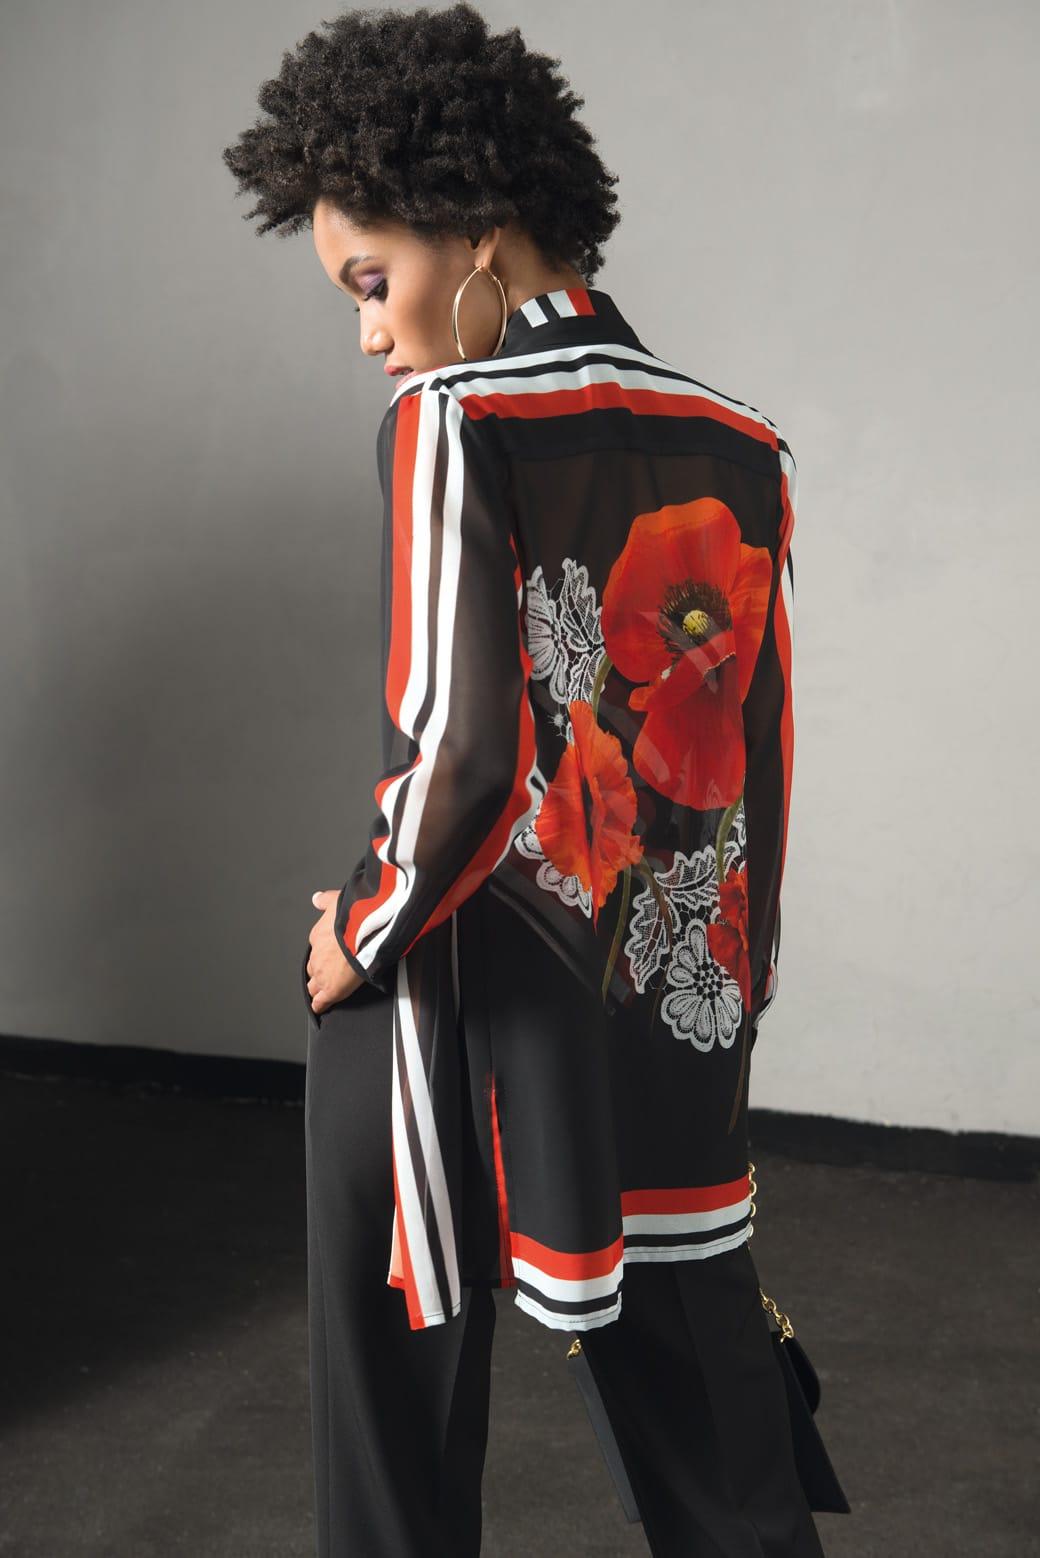 b532a0681059 ... stile di vita e amplia ulteriormente l offerta di Edas. tessuti  pregiati e l utilizzo di accessori esclusivi impreziosiscono la collezione.